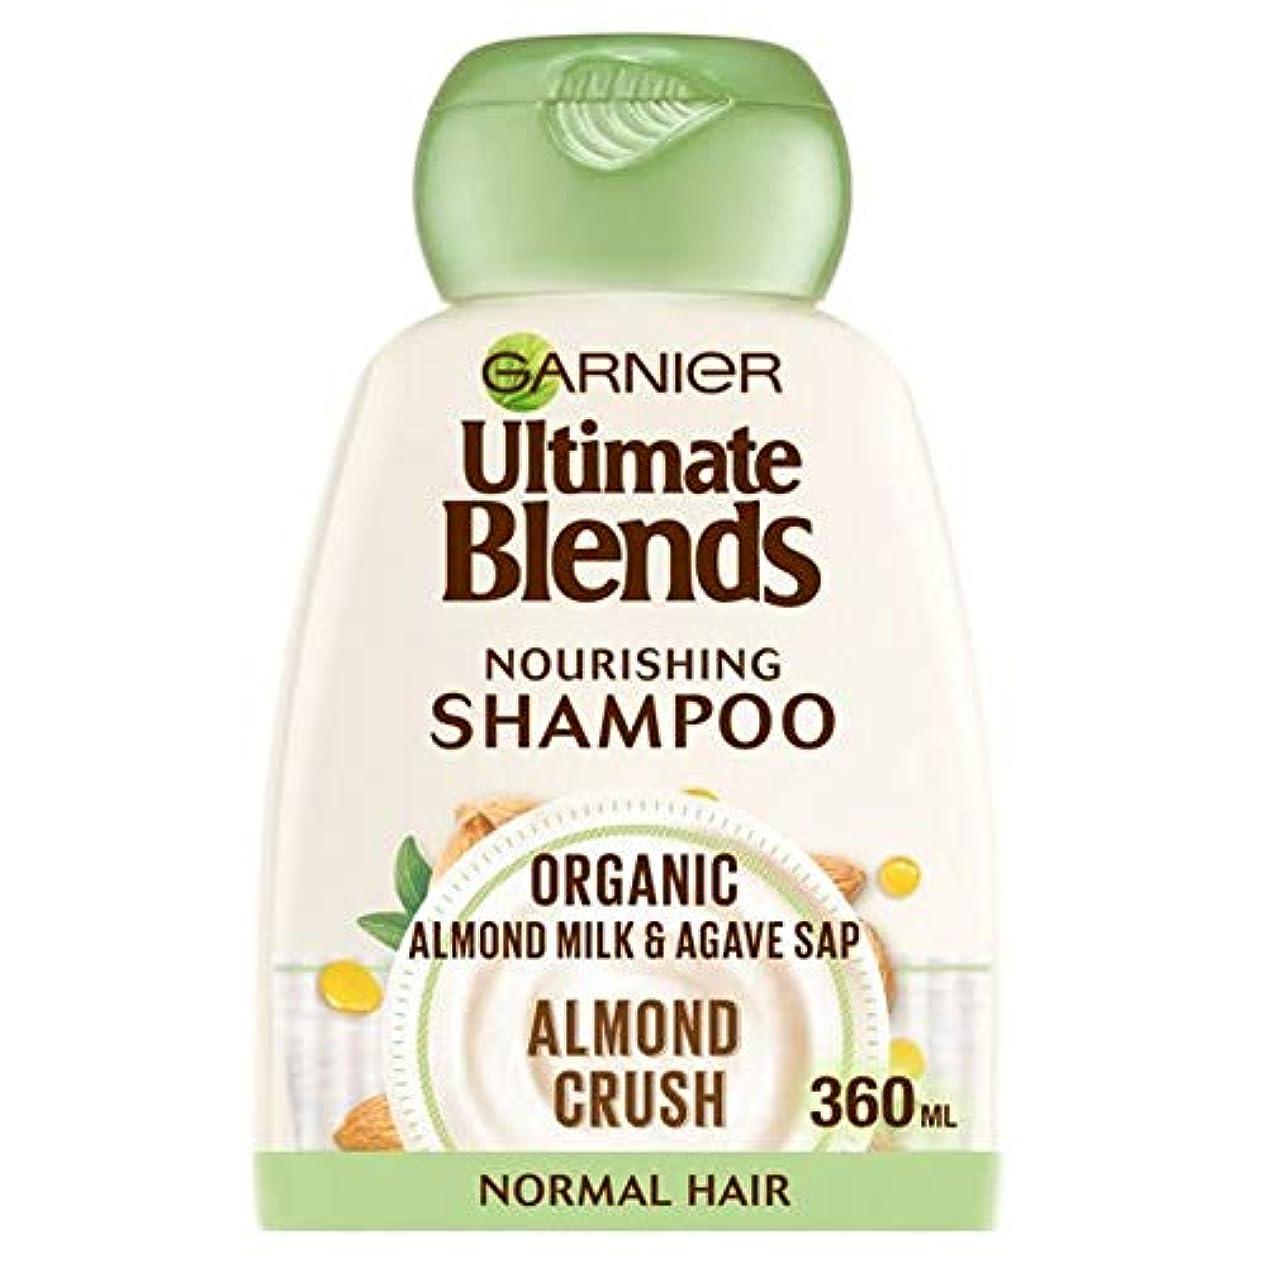 トマト太鼓腹自分の力ですべてをする[Ultimate Blends ] ガルニエ究極は、アーモンドミルク、通常のヘアシャンプー360ミリリットルをブレンド - Garnier Ultimate Blends Almond Milk Normal Hair Shampoo 360Ml [並行輸入品]